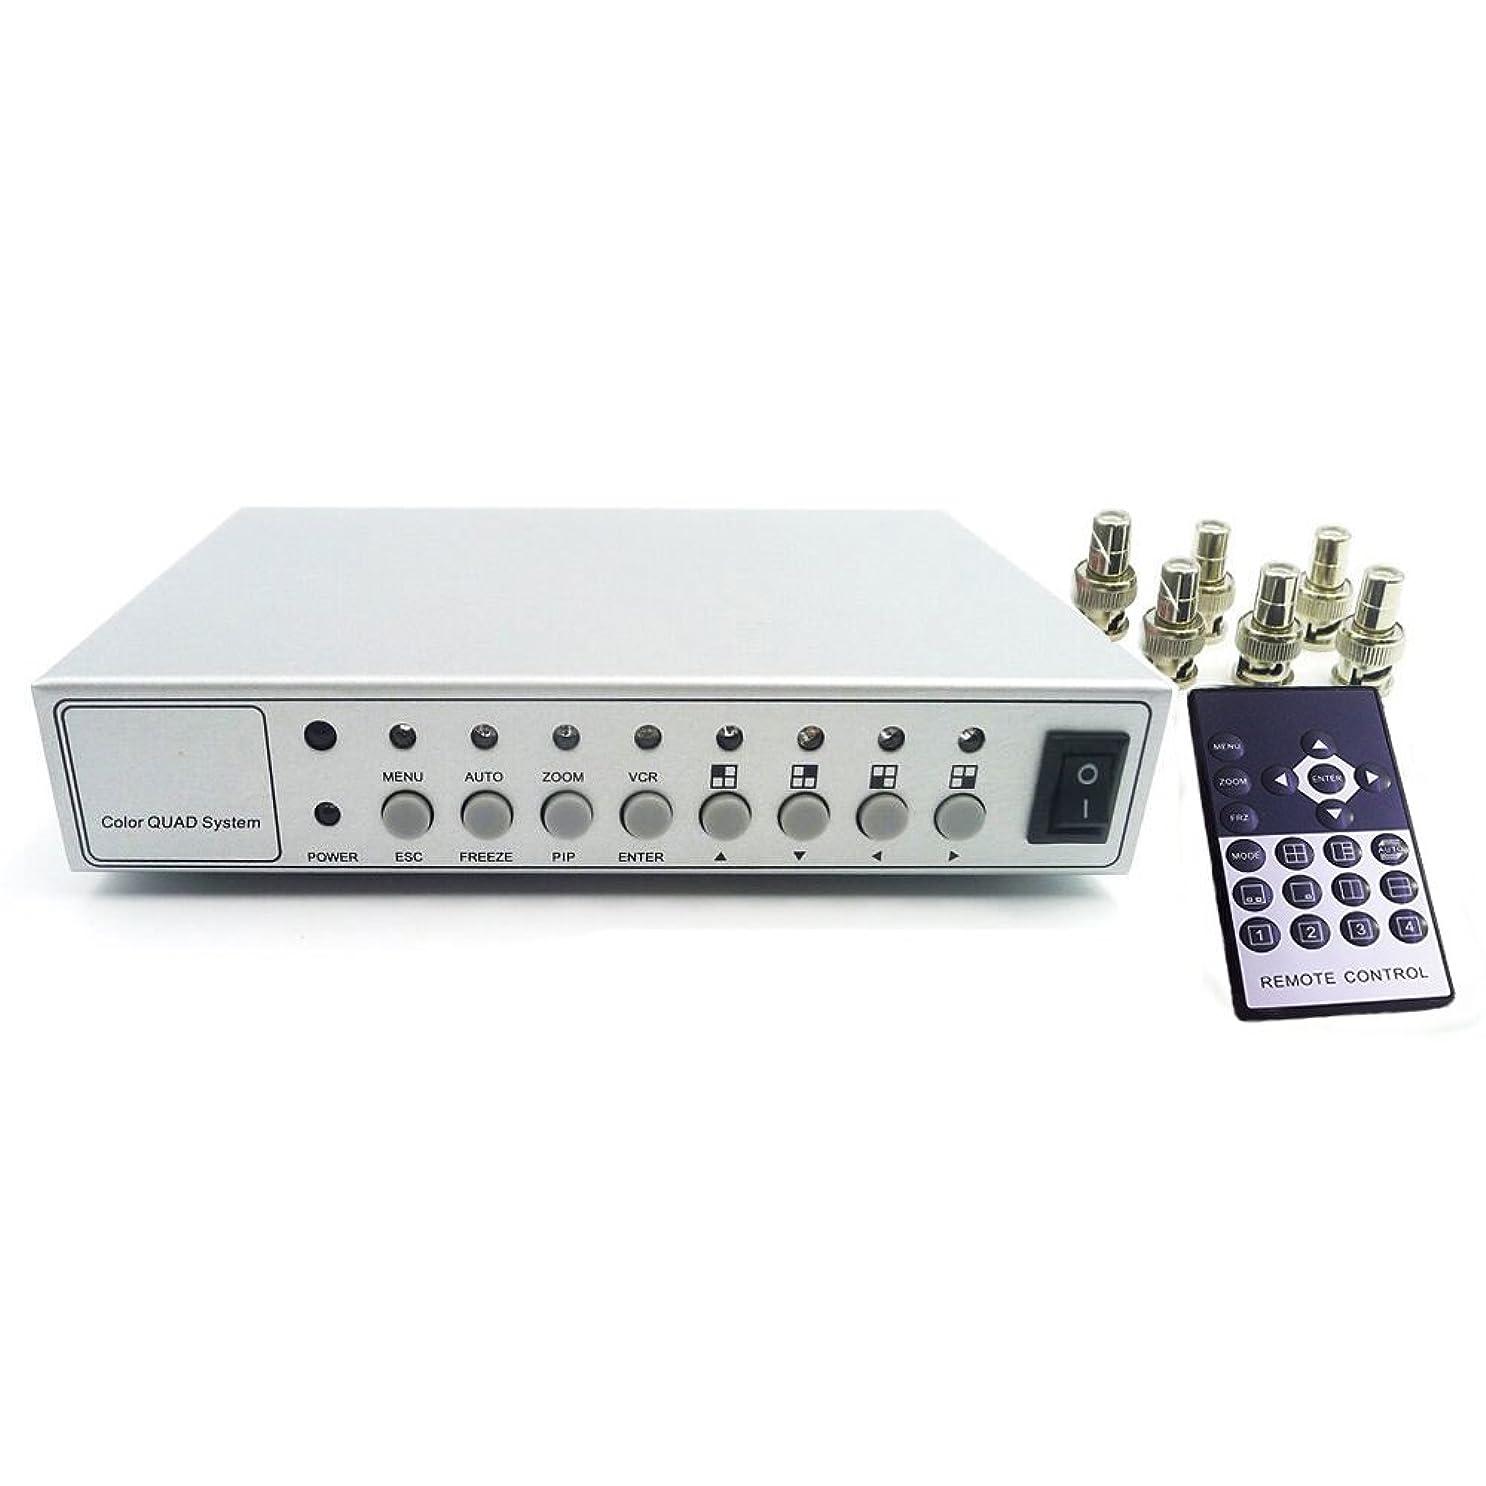 めまい疑い者手当Podofo カラー画面分割器 モニター増設用 映像分配器 4CH 6BNC接続 ビデオ/ DVR /CCTV/カメラ対応